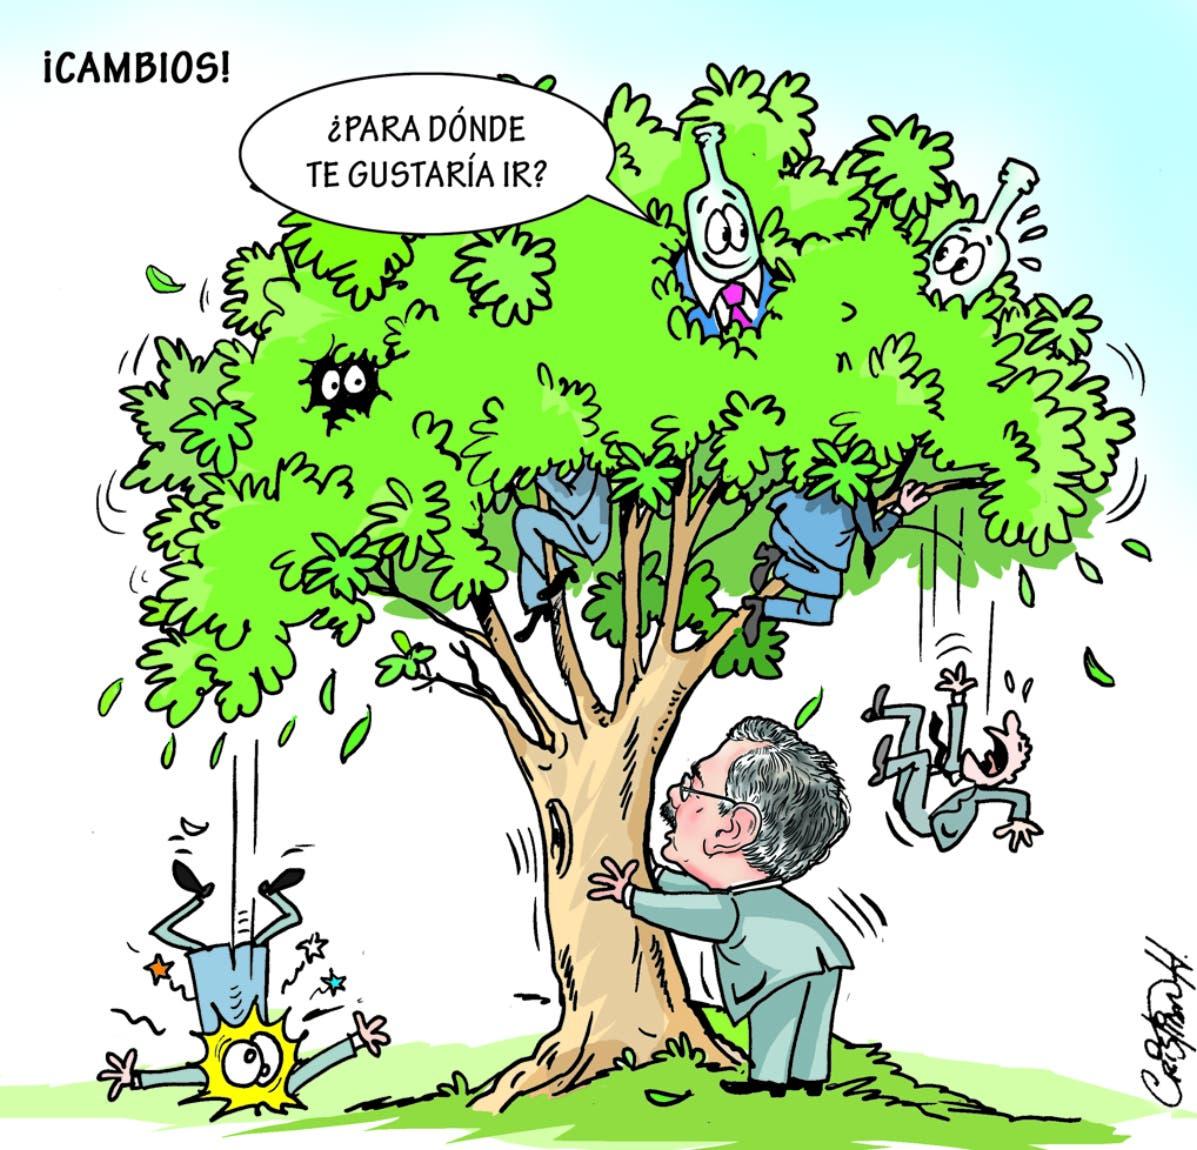 caricatura-5p01